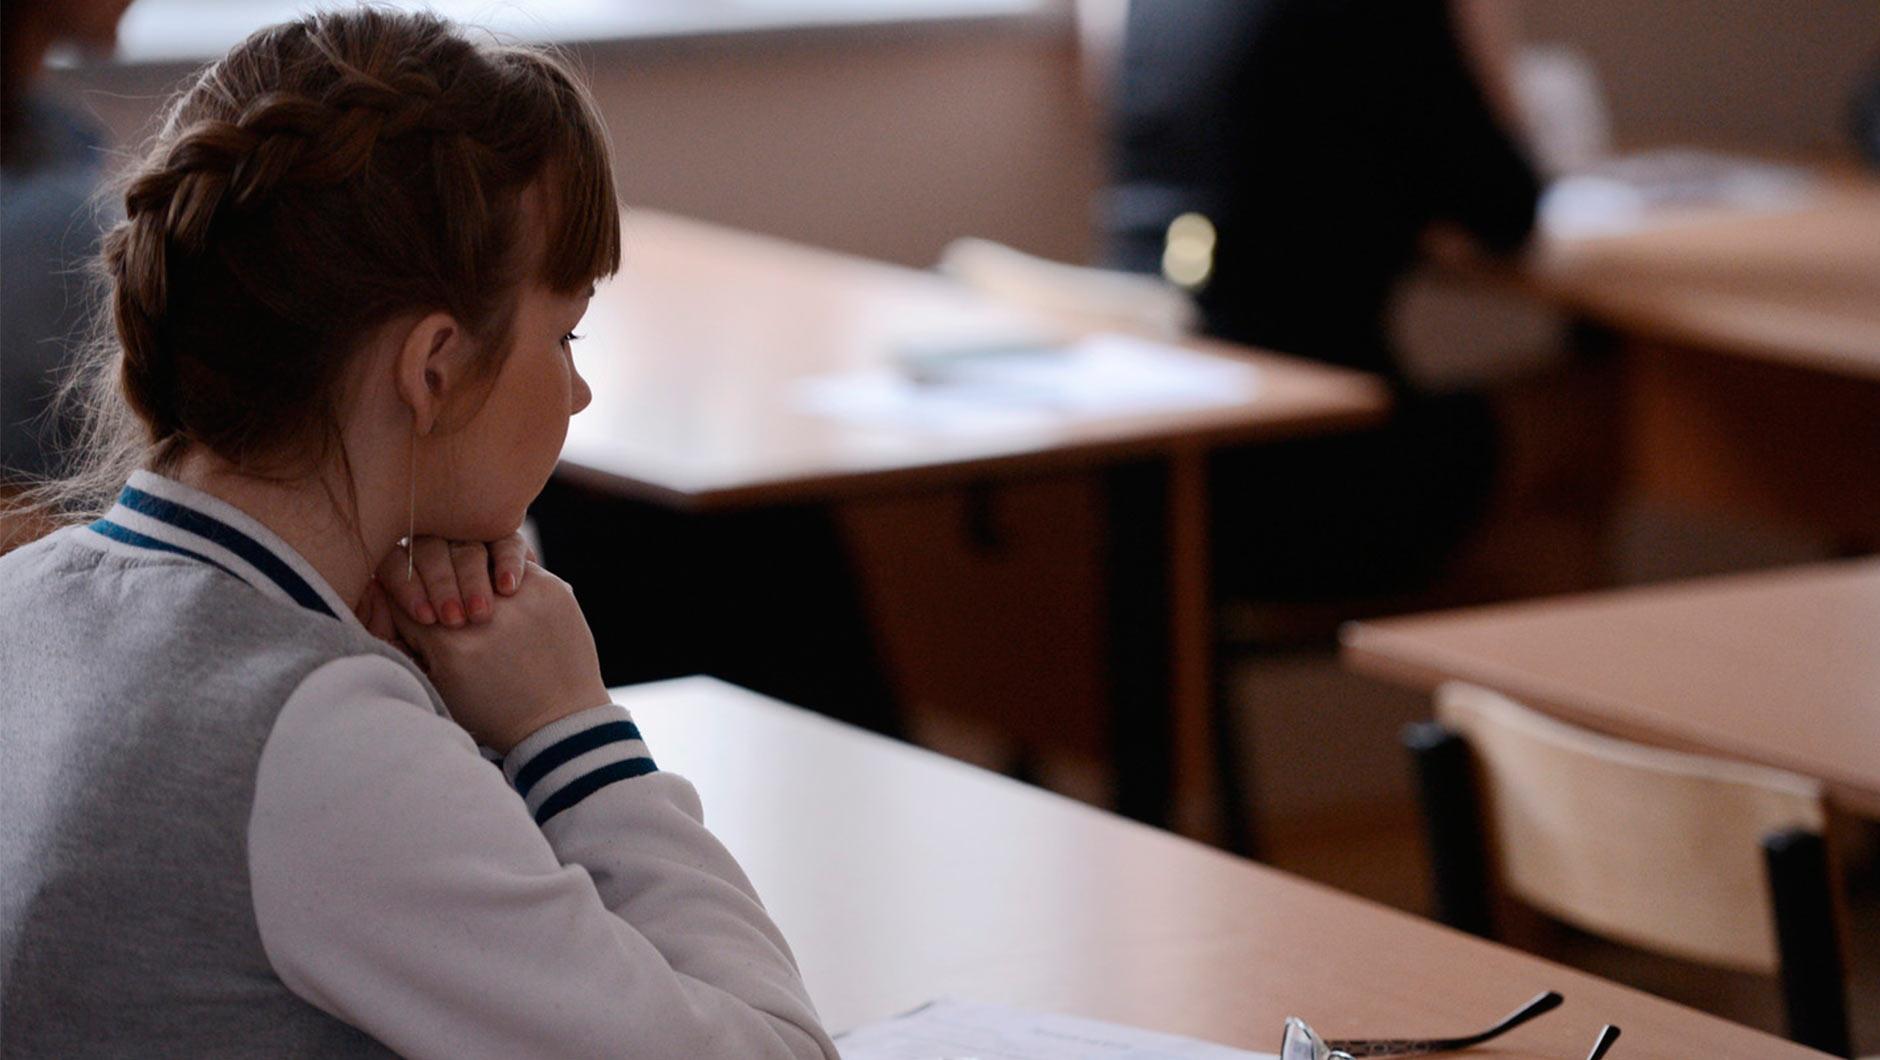 Студентка пришла сдавать экзамен, Студентки сдали экзамен профессору устно 11 фотография